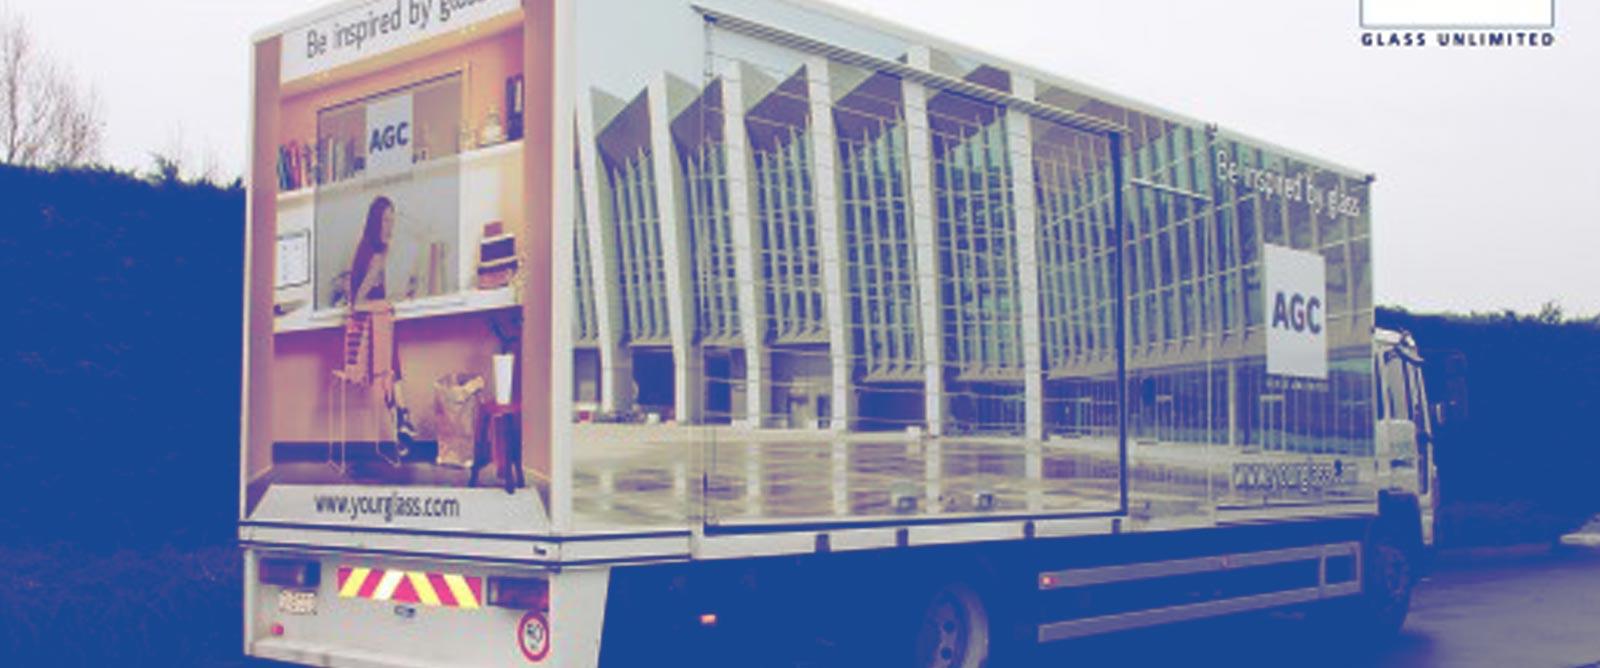 AGC Nederland - 300 Glassoorten op 20 m2